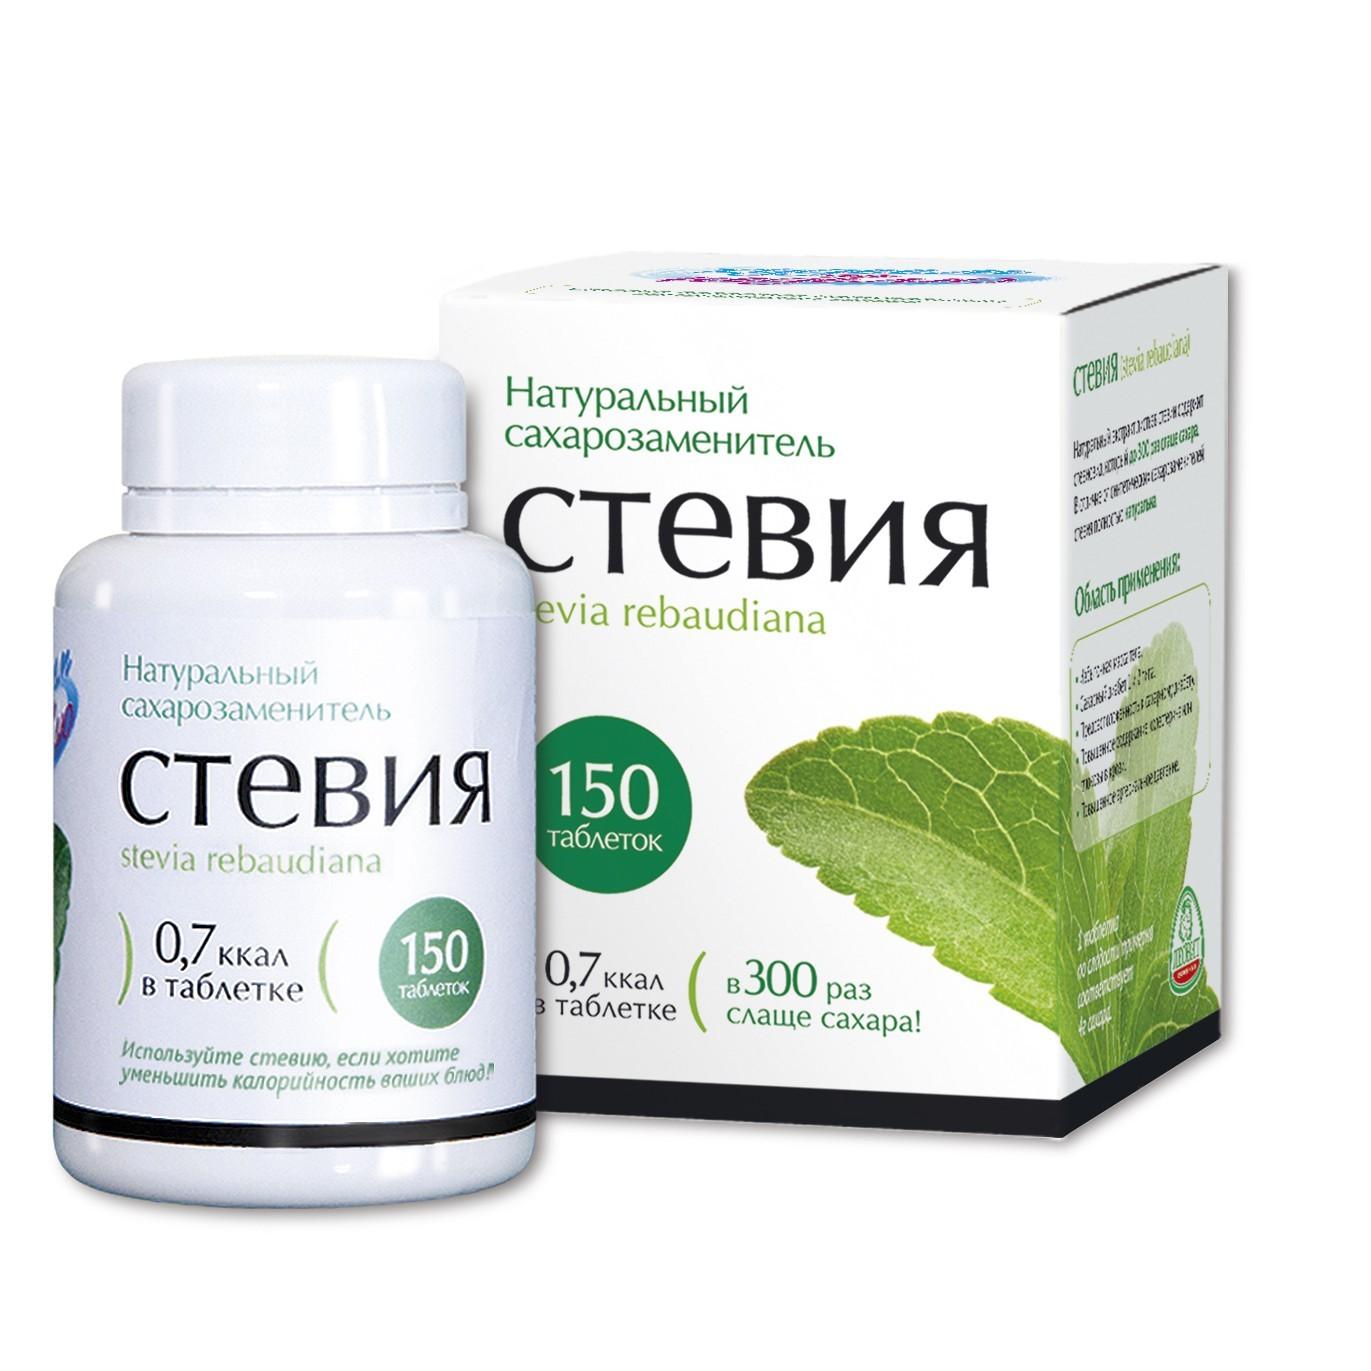 steviya-medovaya-foto-video-retsepty-primeneniya-poleznye-svojstva-vyrashhivanie-i-uhod-10